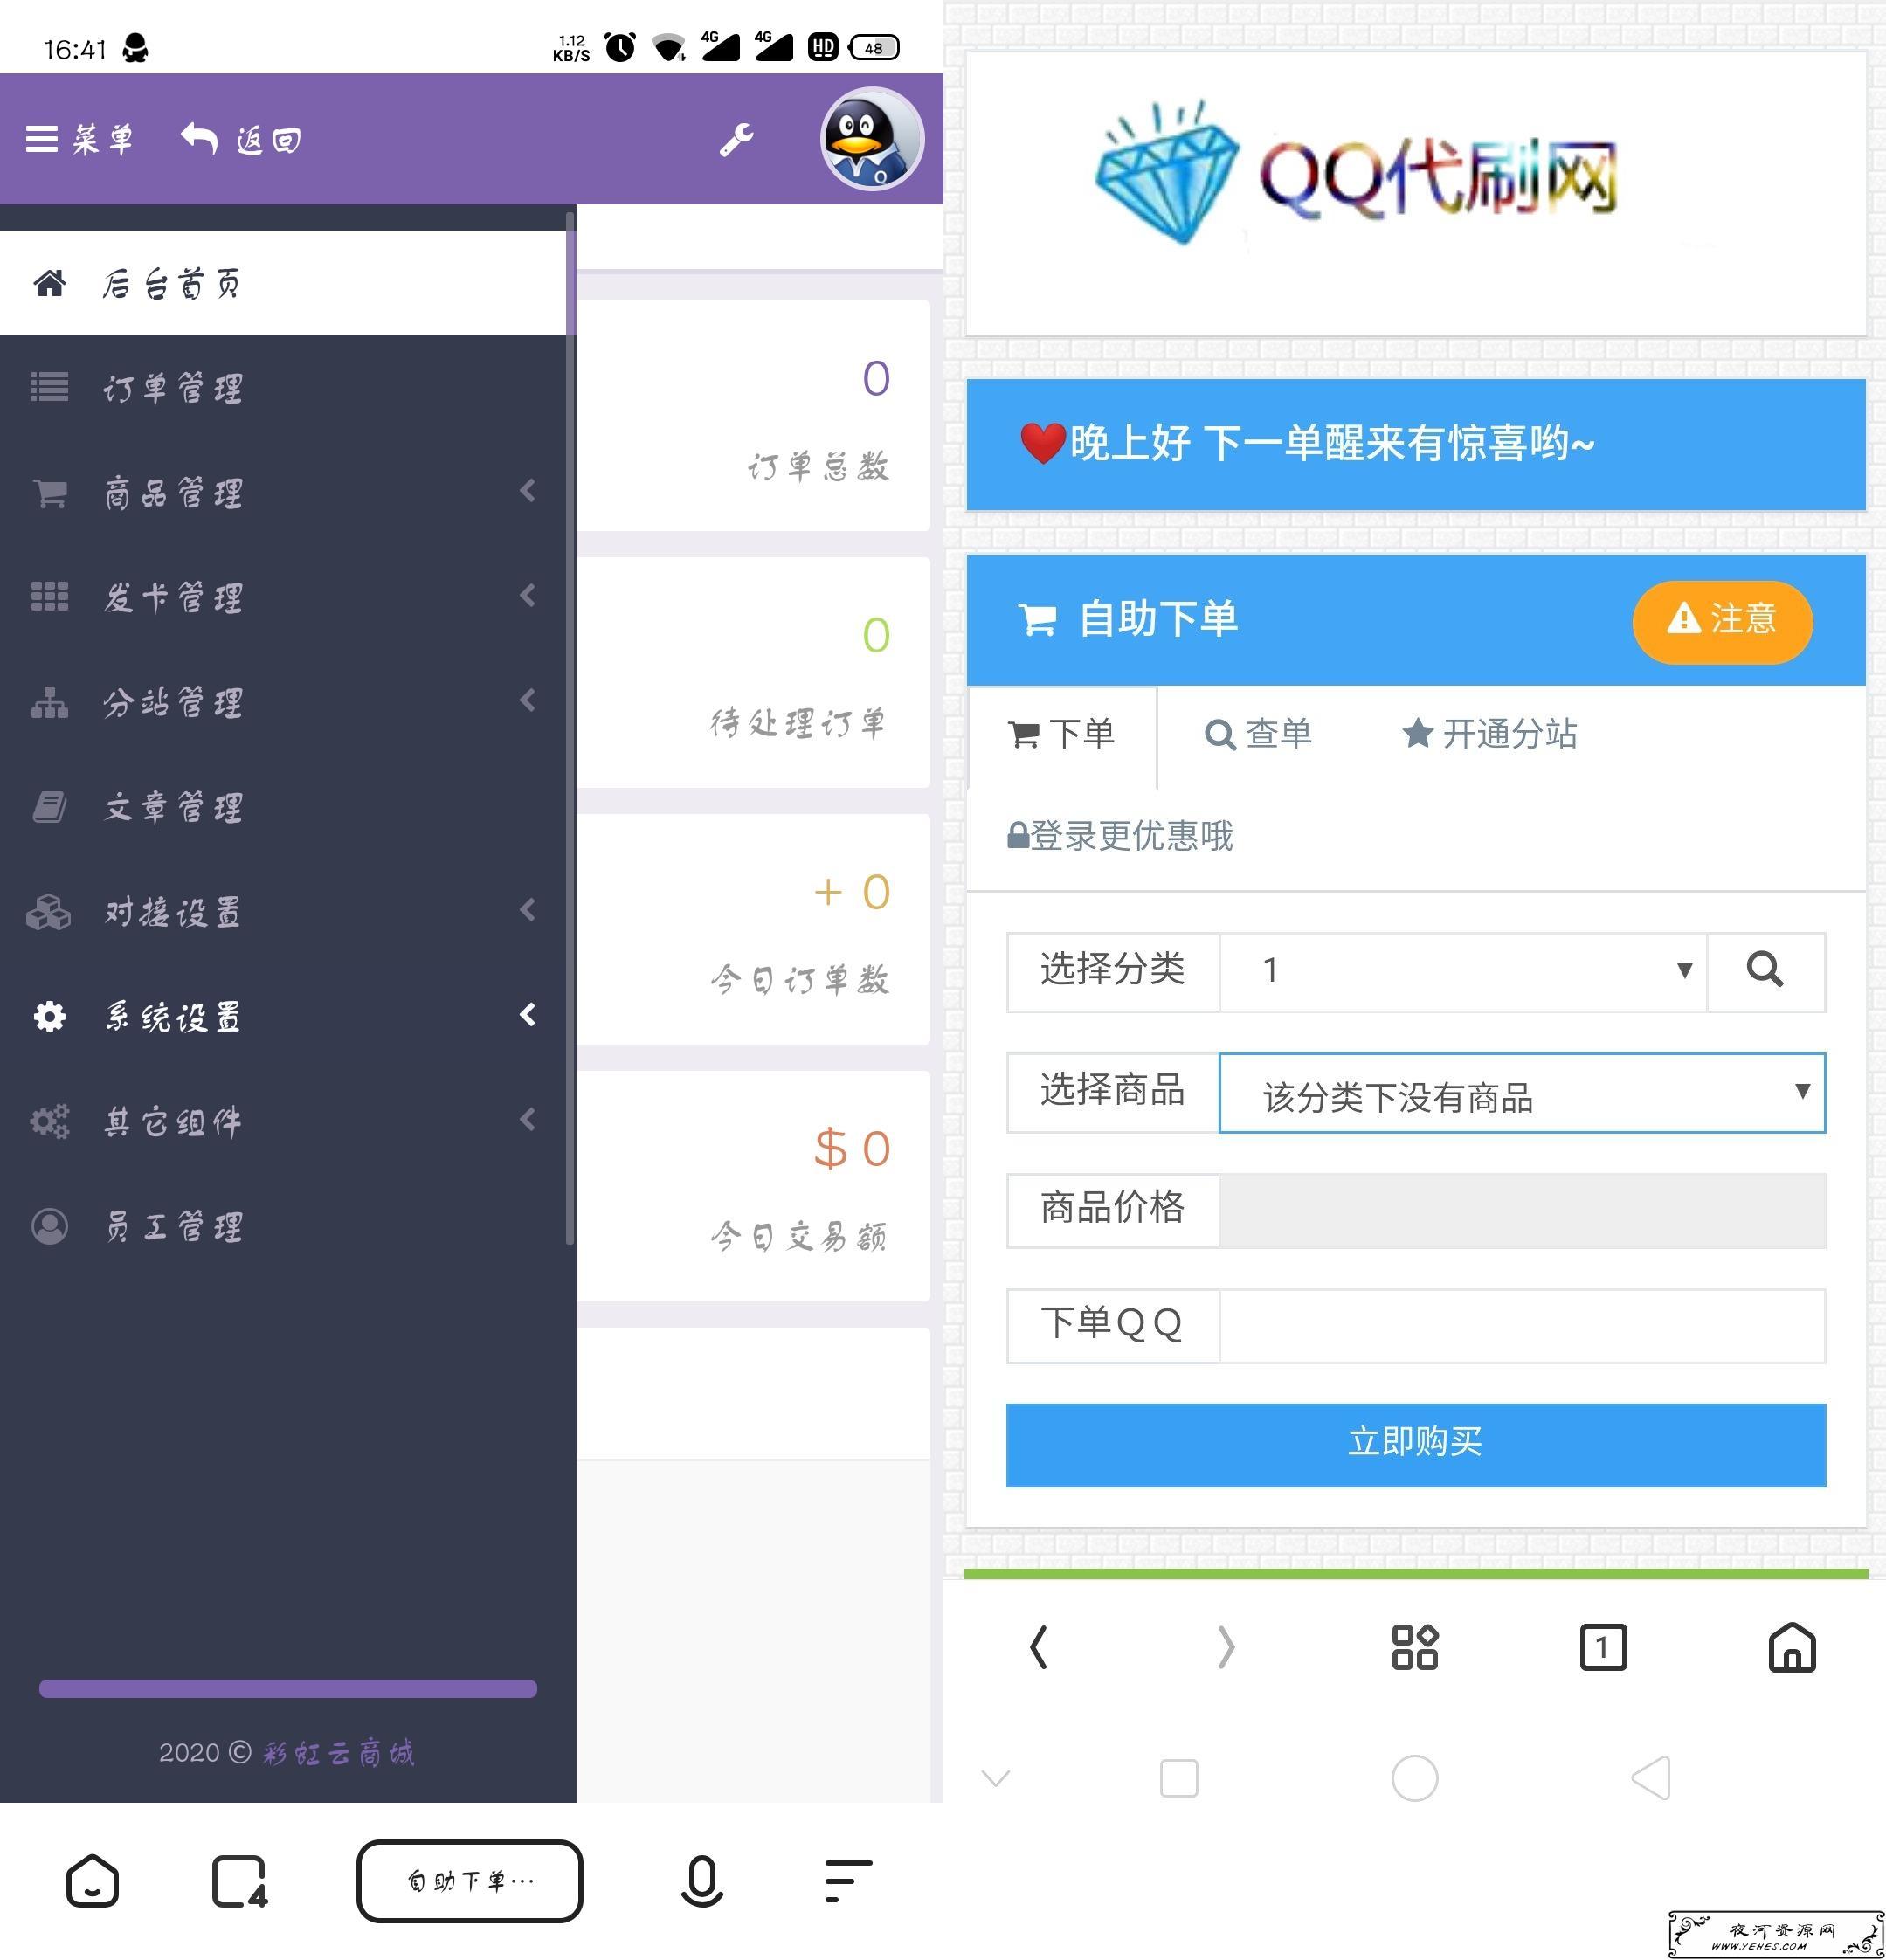 最新彩虹代刷网程序6.0.1破解修复版网站源码